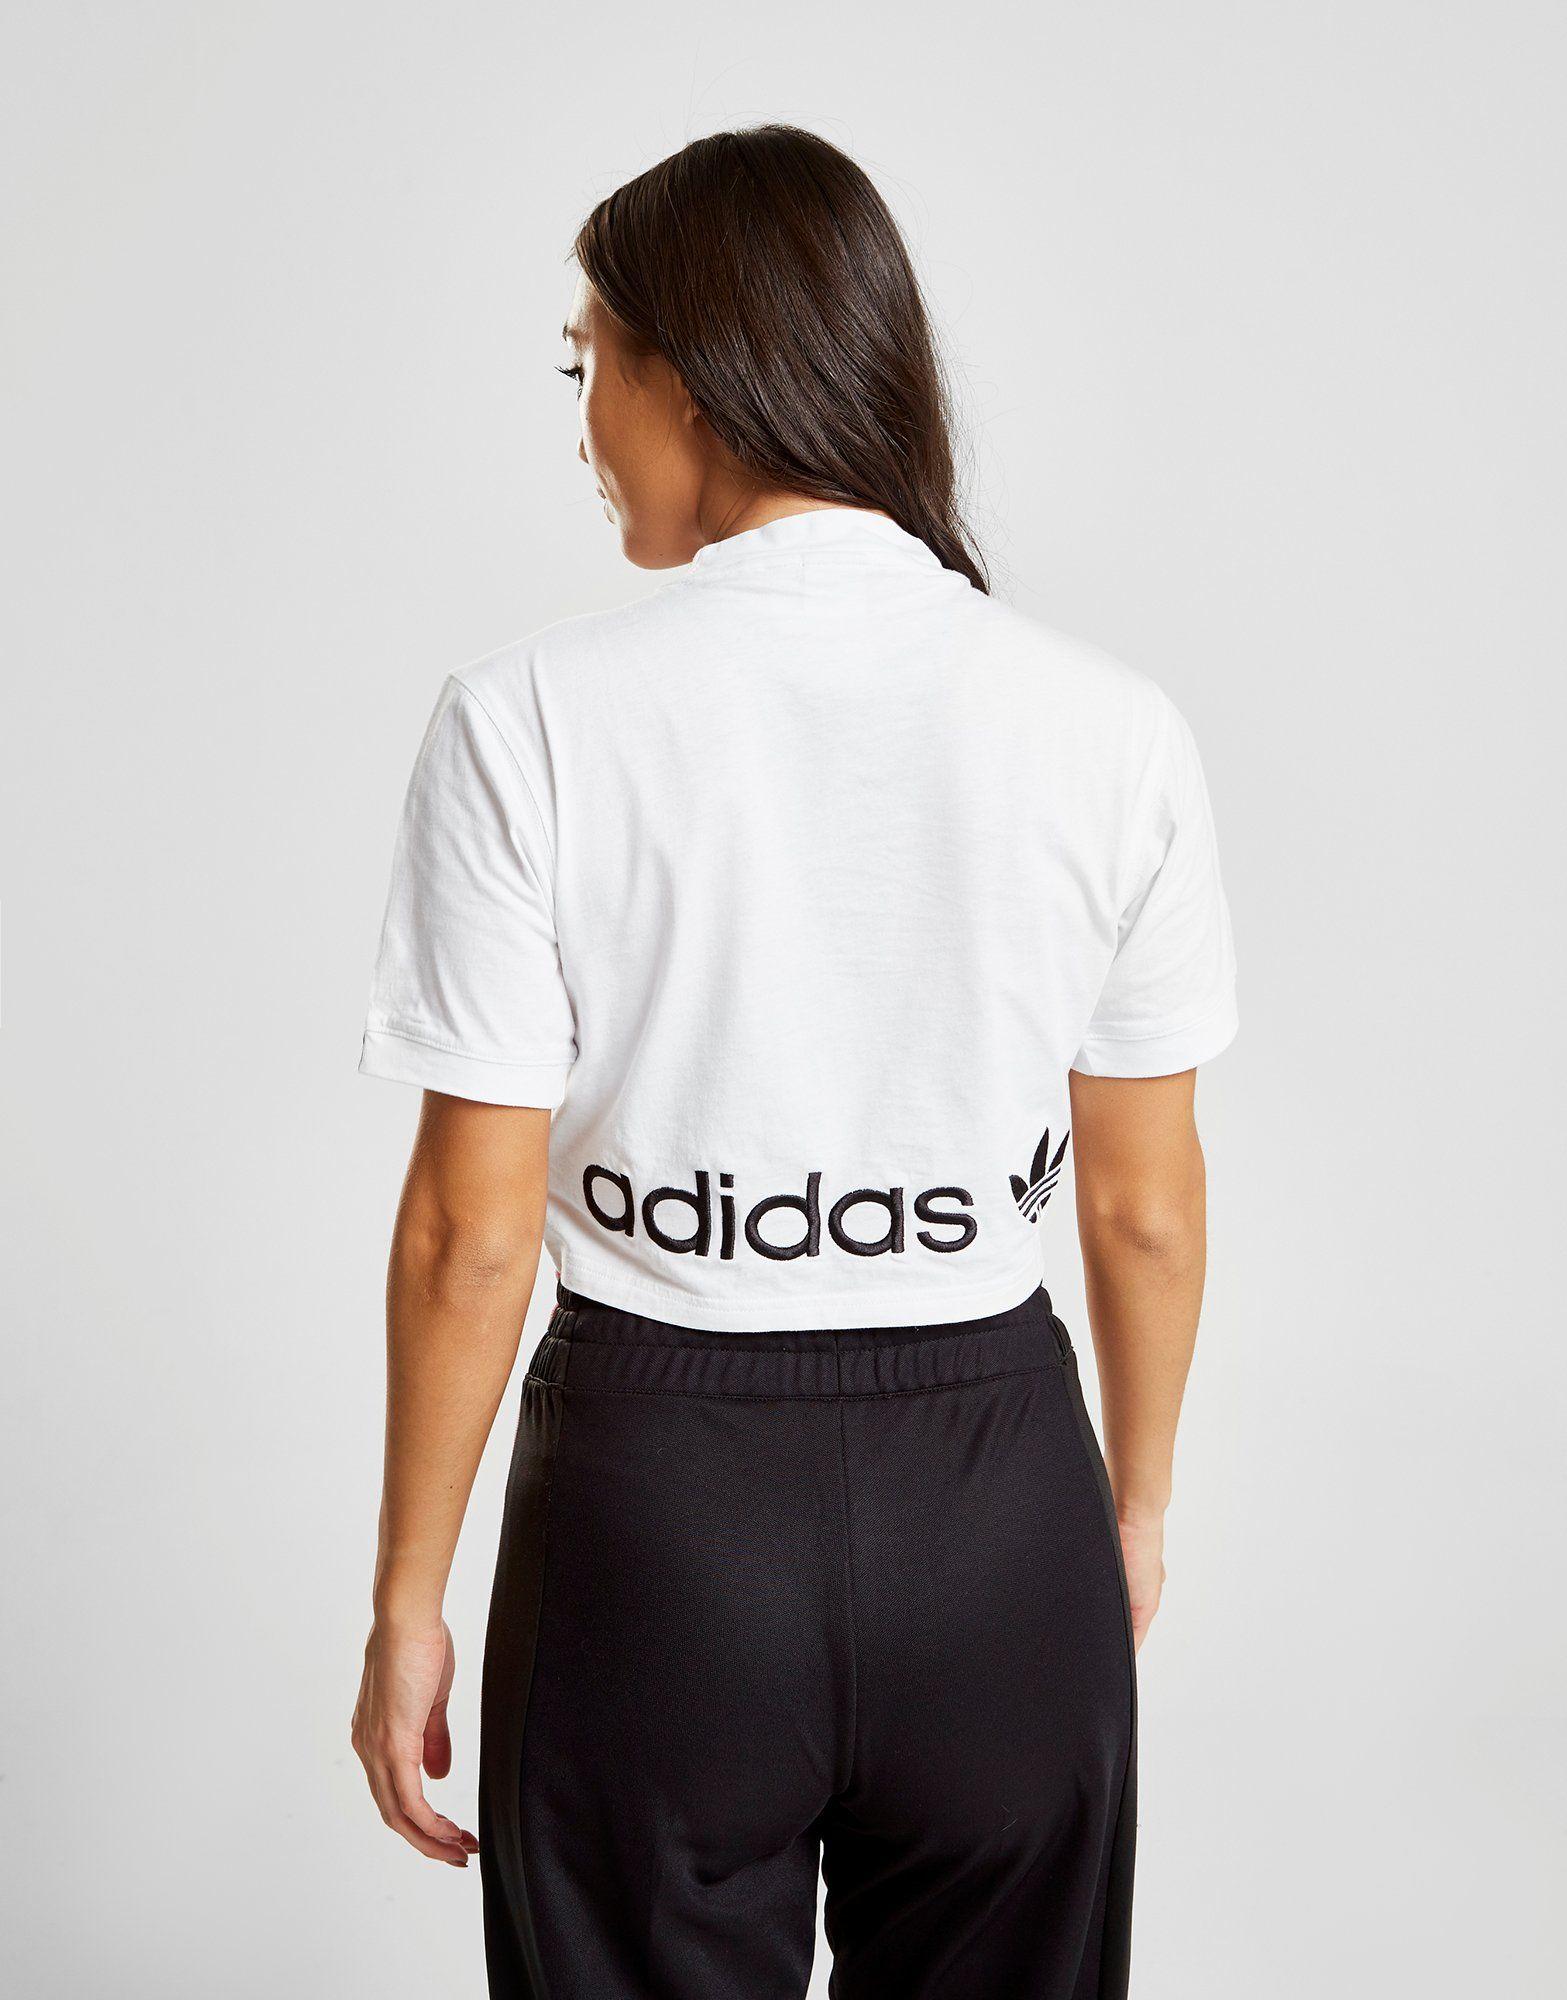 adidas Originals T-shirt Coeeze Ruche Femme